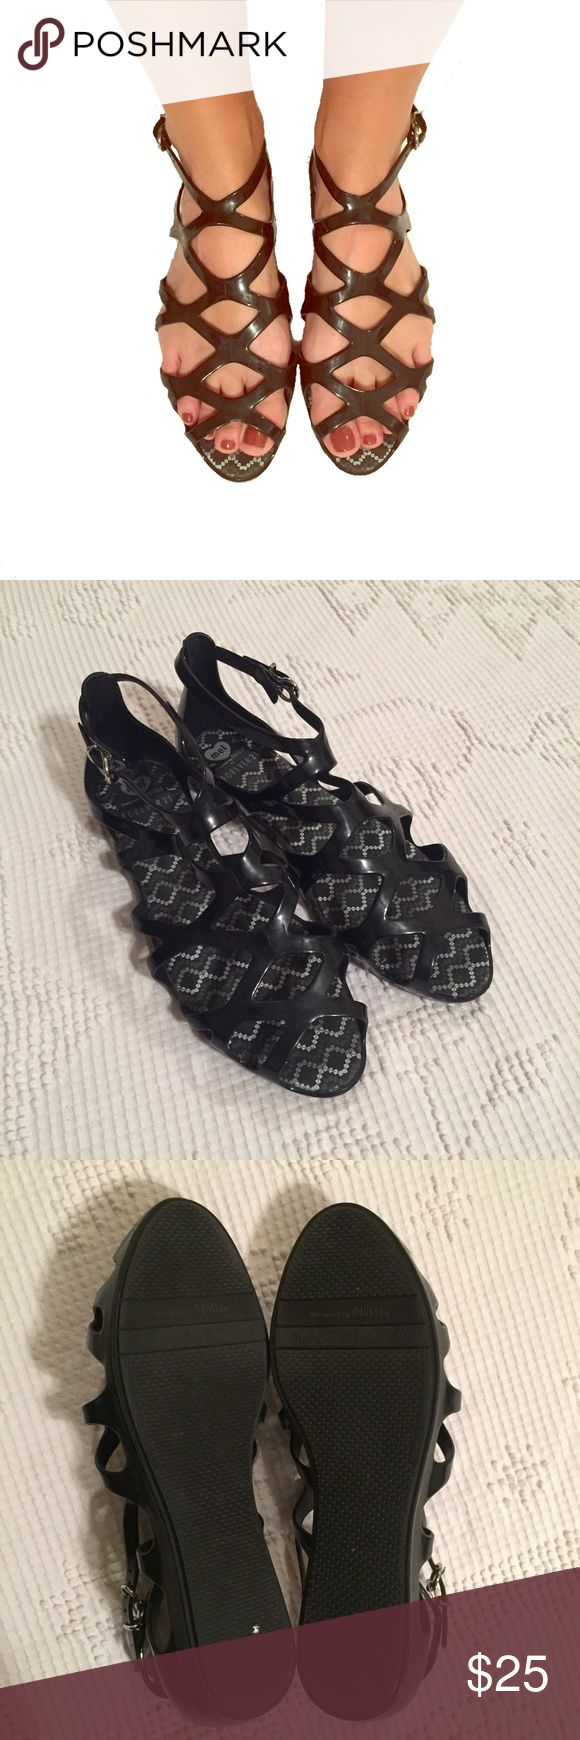 Black jelly sandals forever 21 - Melissa Forever 21 Jelly Gladiator Sandals Black